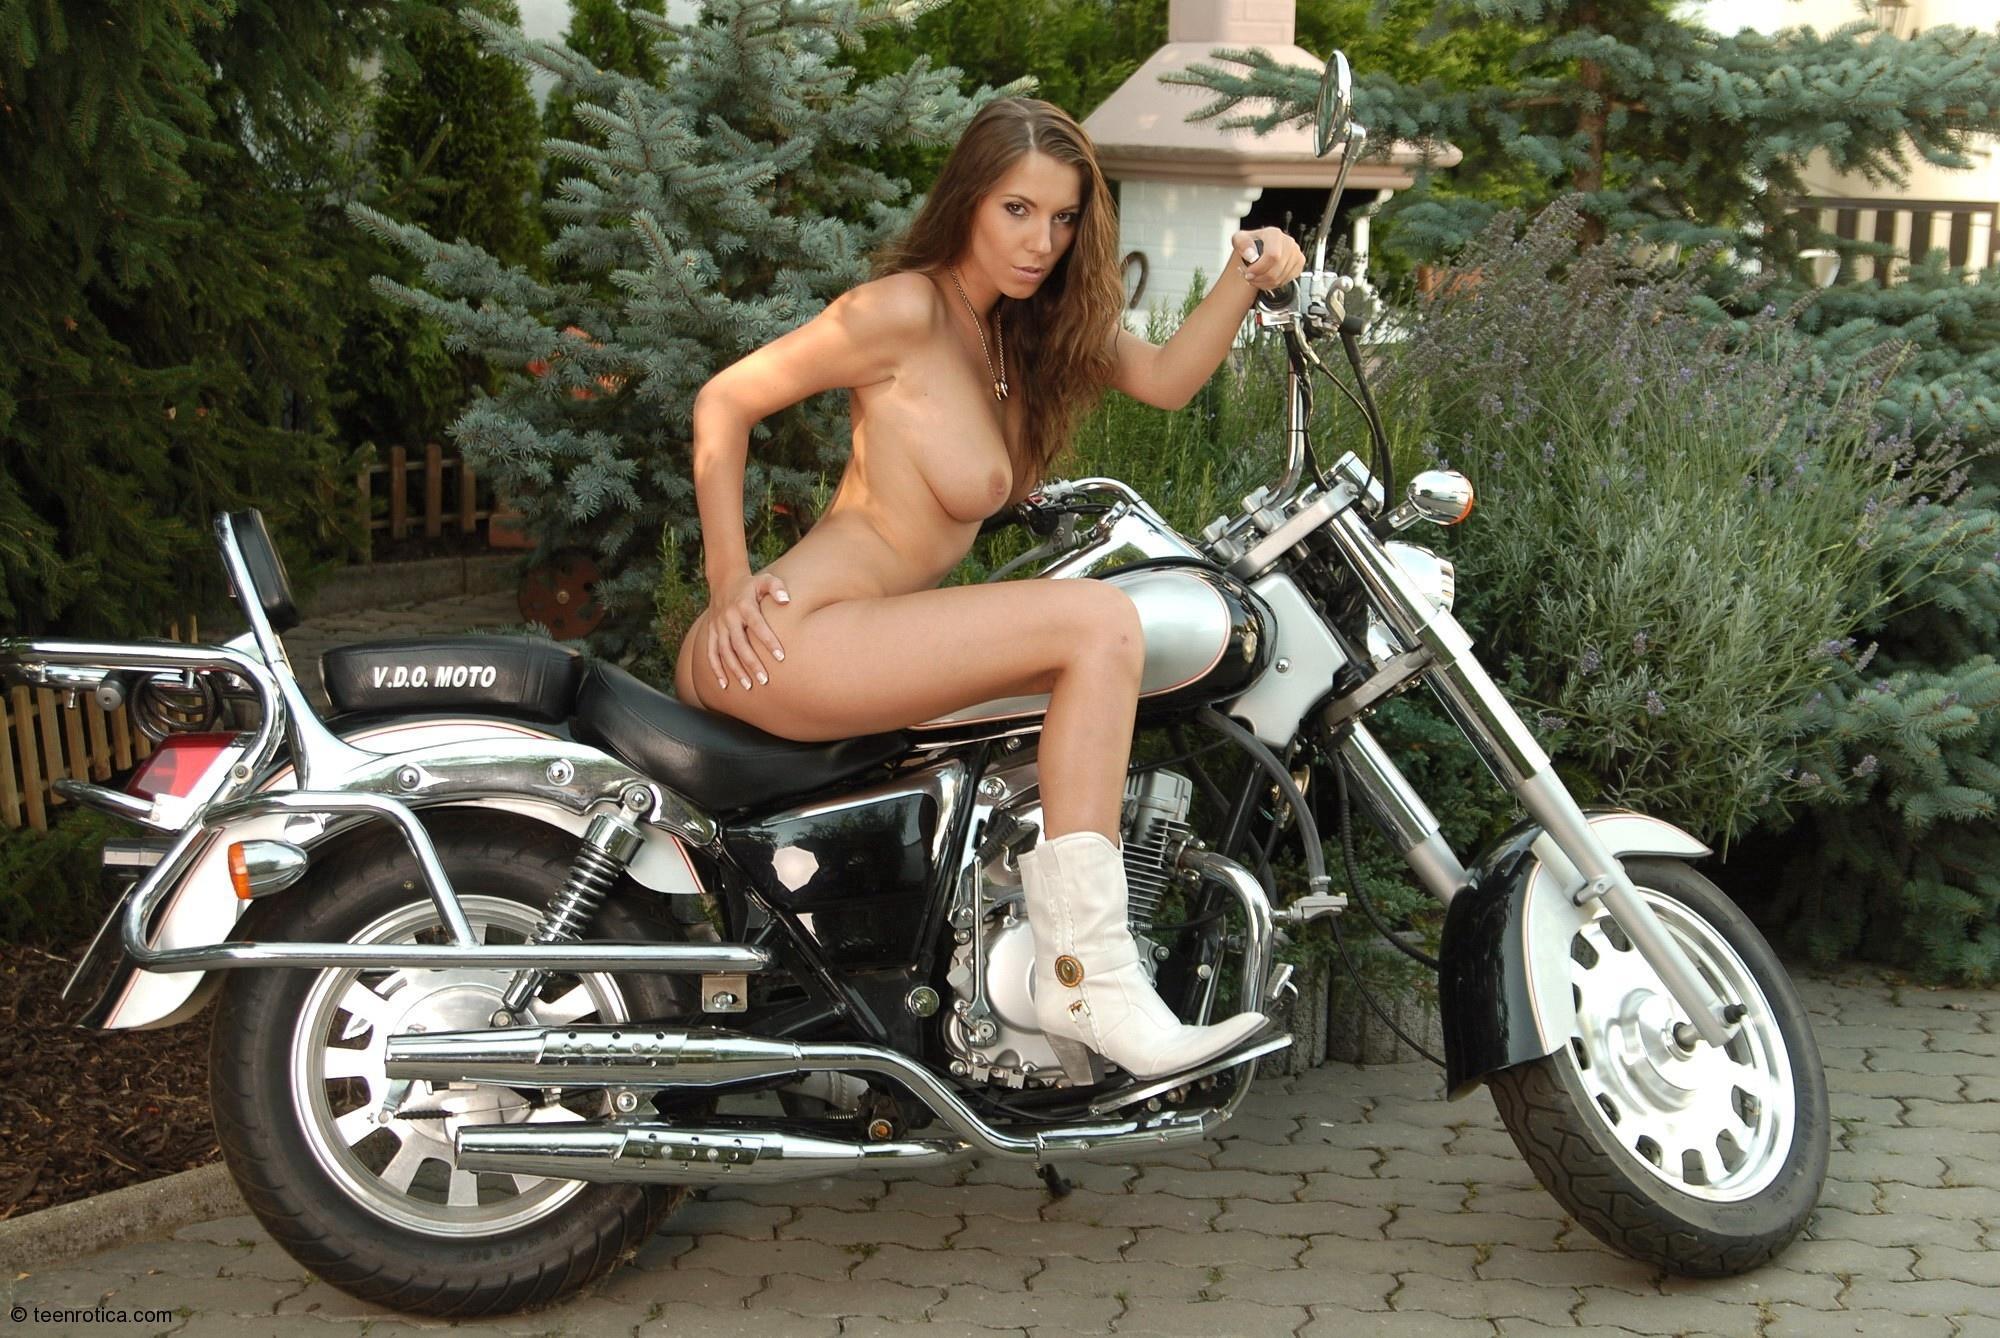 Nude girl motorcycle helmet